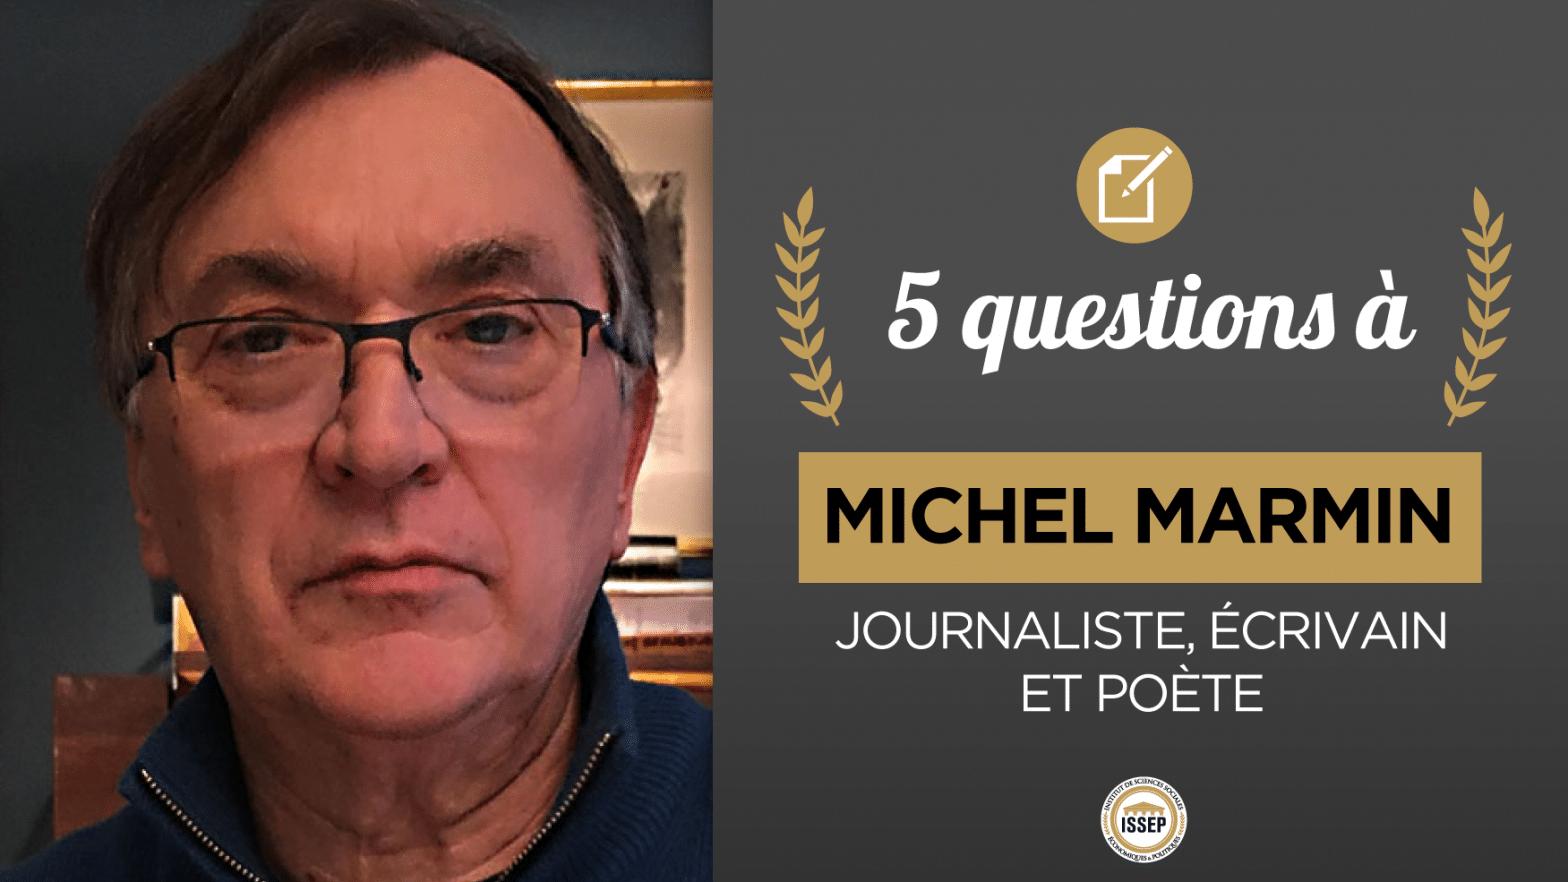 5 questions à Michel Marmin